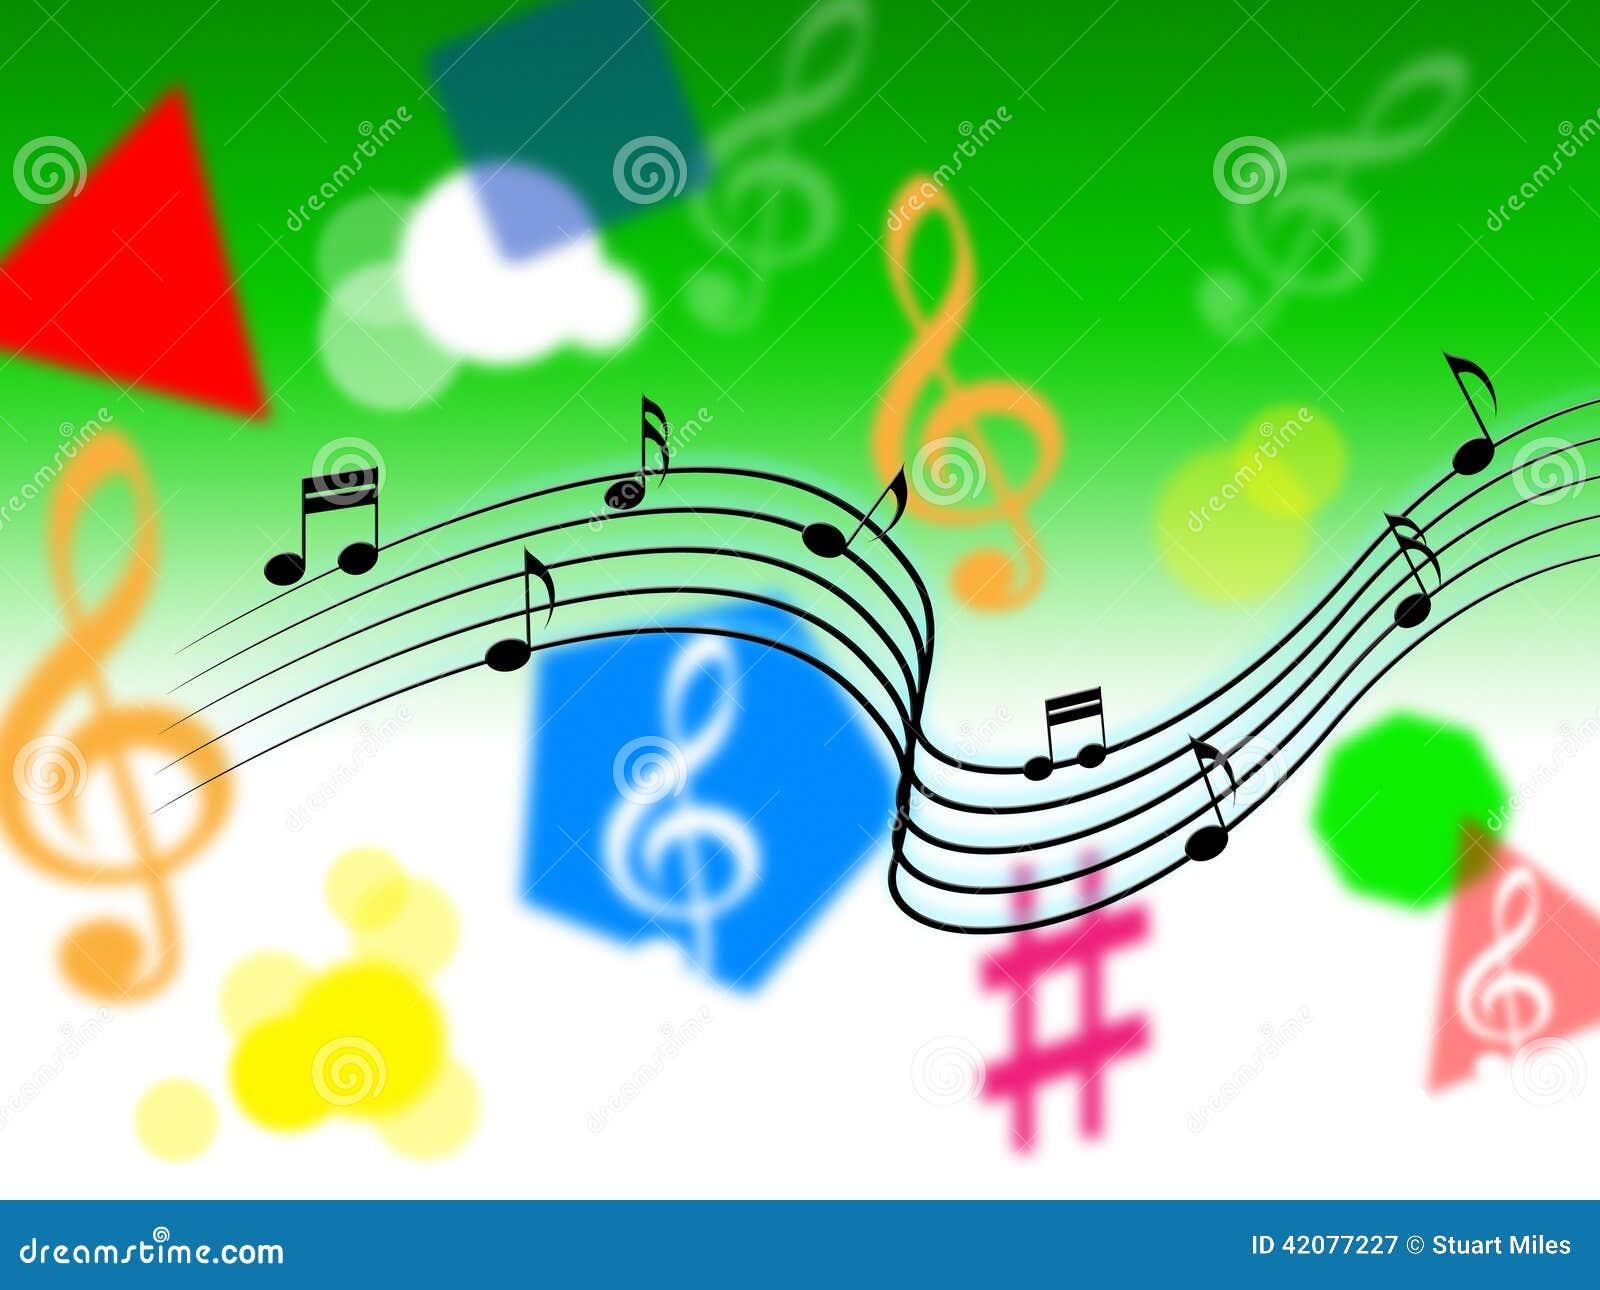 显示曲调片断或唱歌的音乐背景.图片